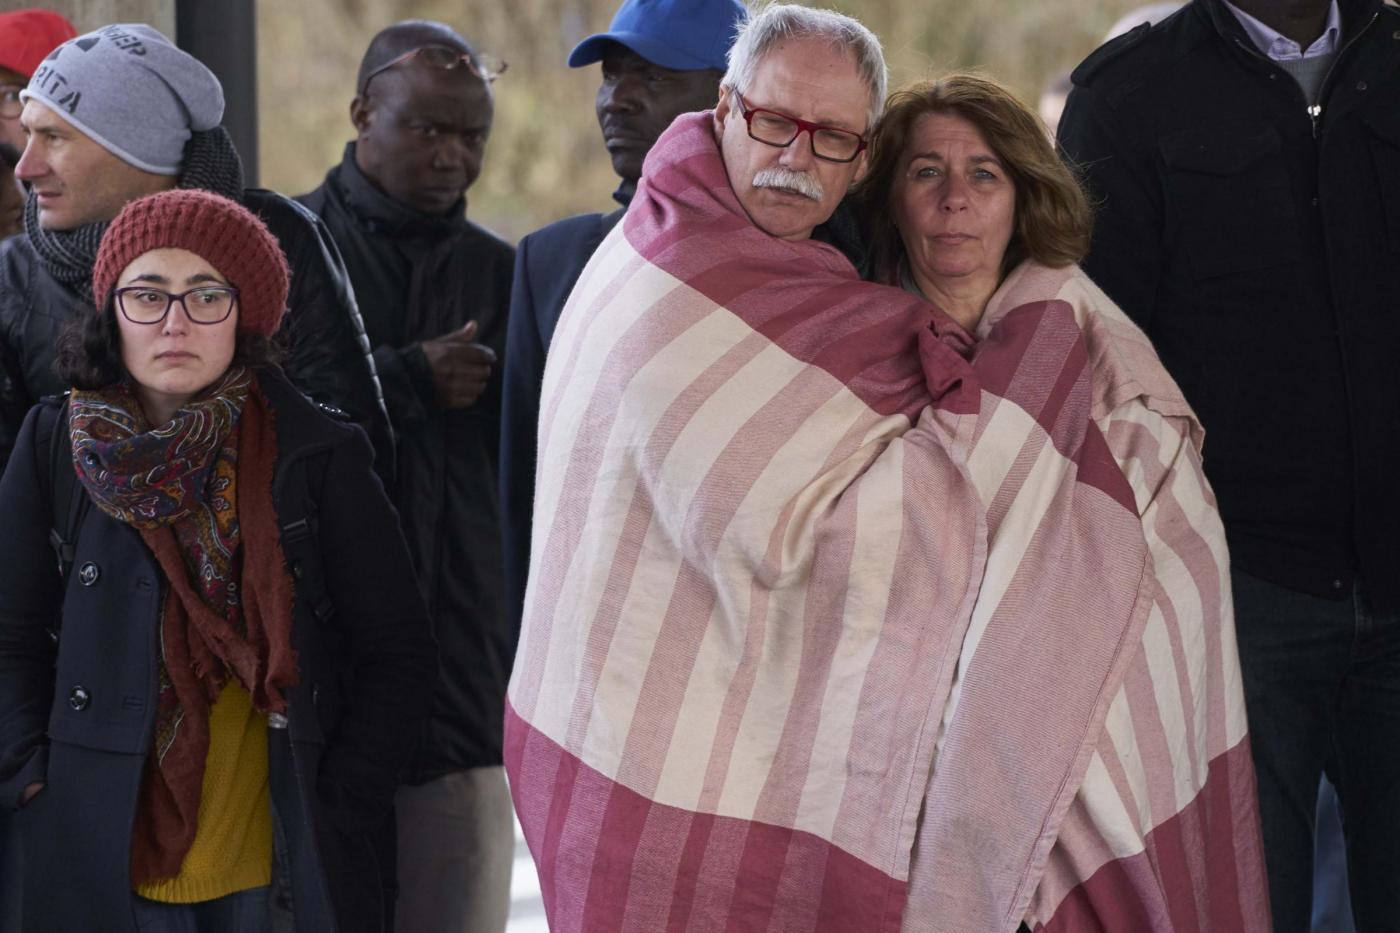 Bruxelles sotto attacco kamikaze in aeroporto e bombe in metro